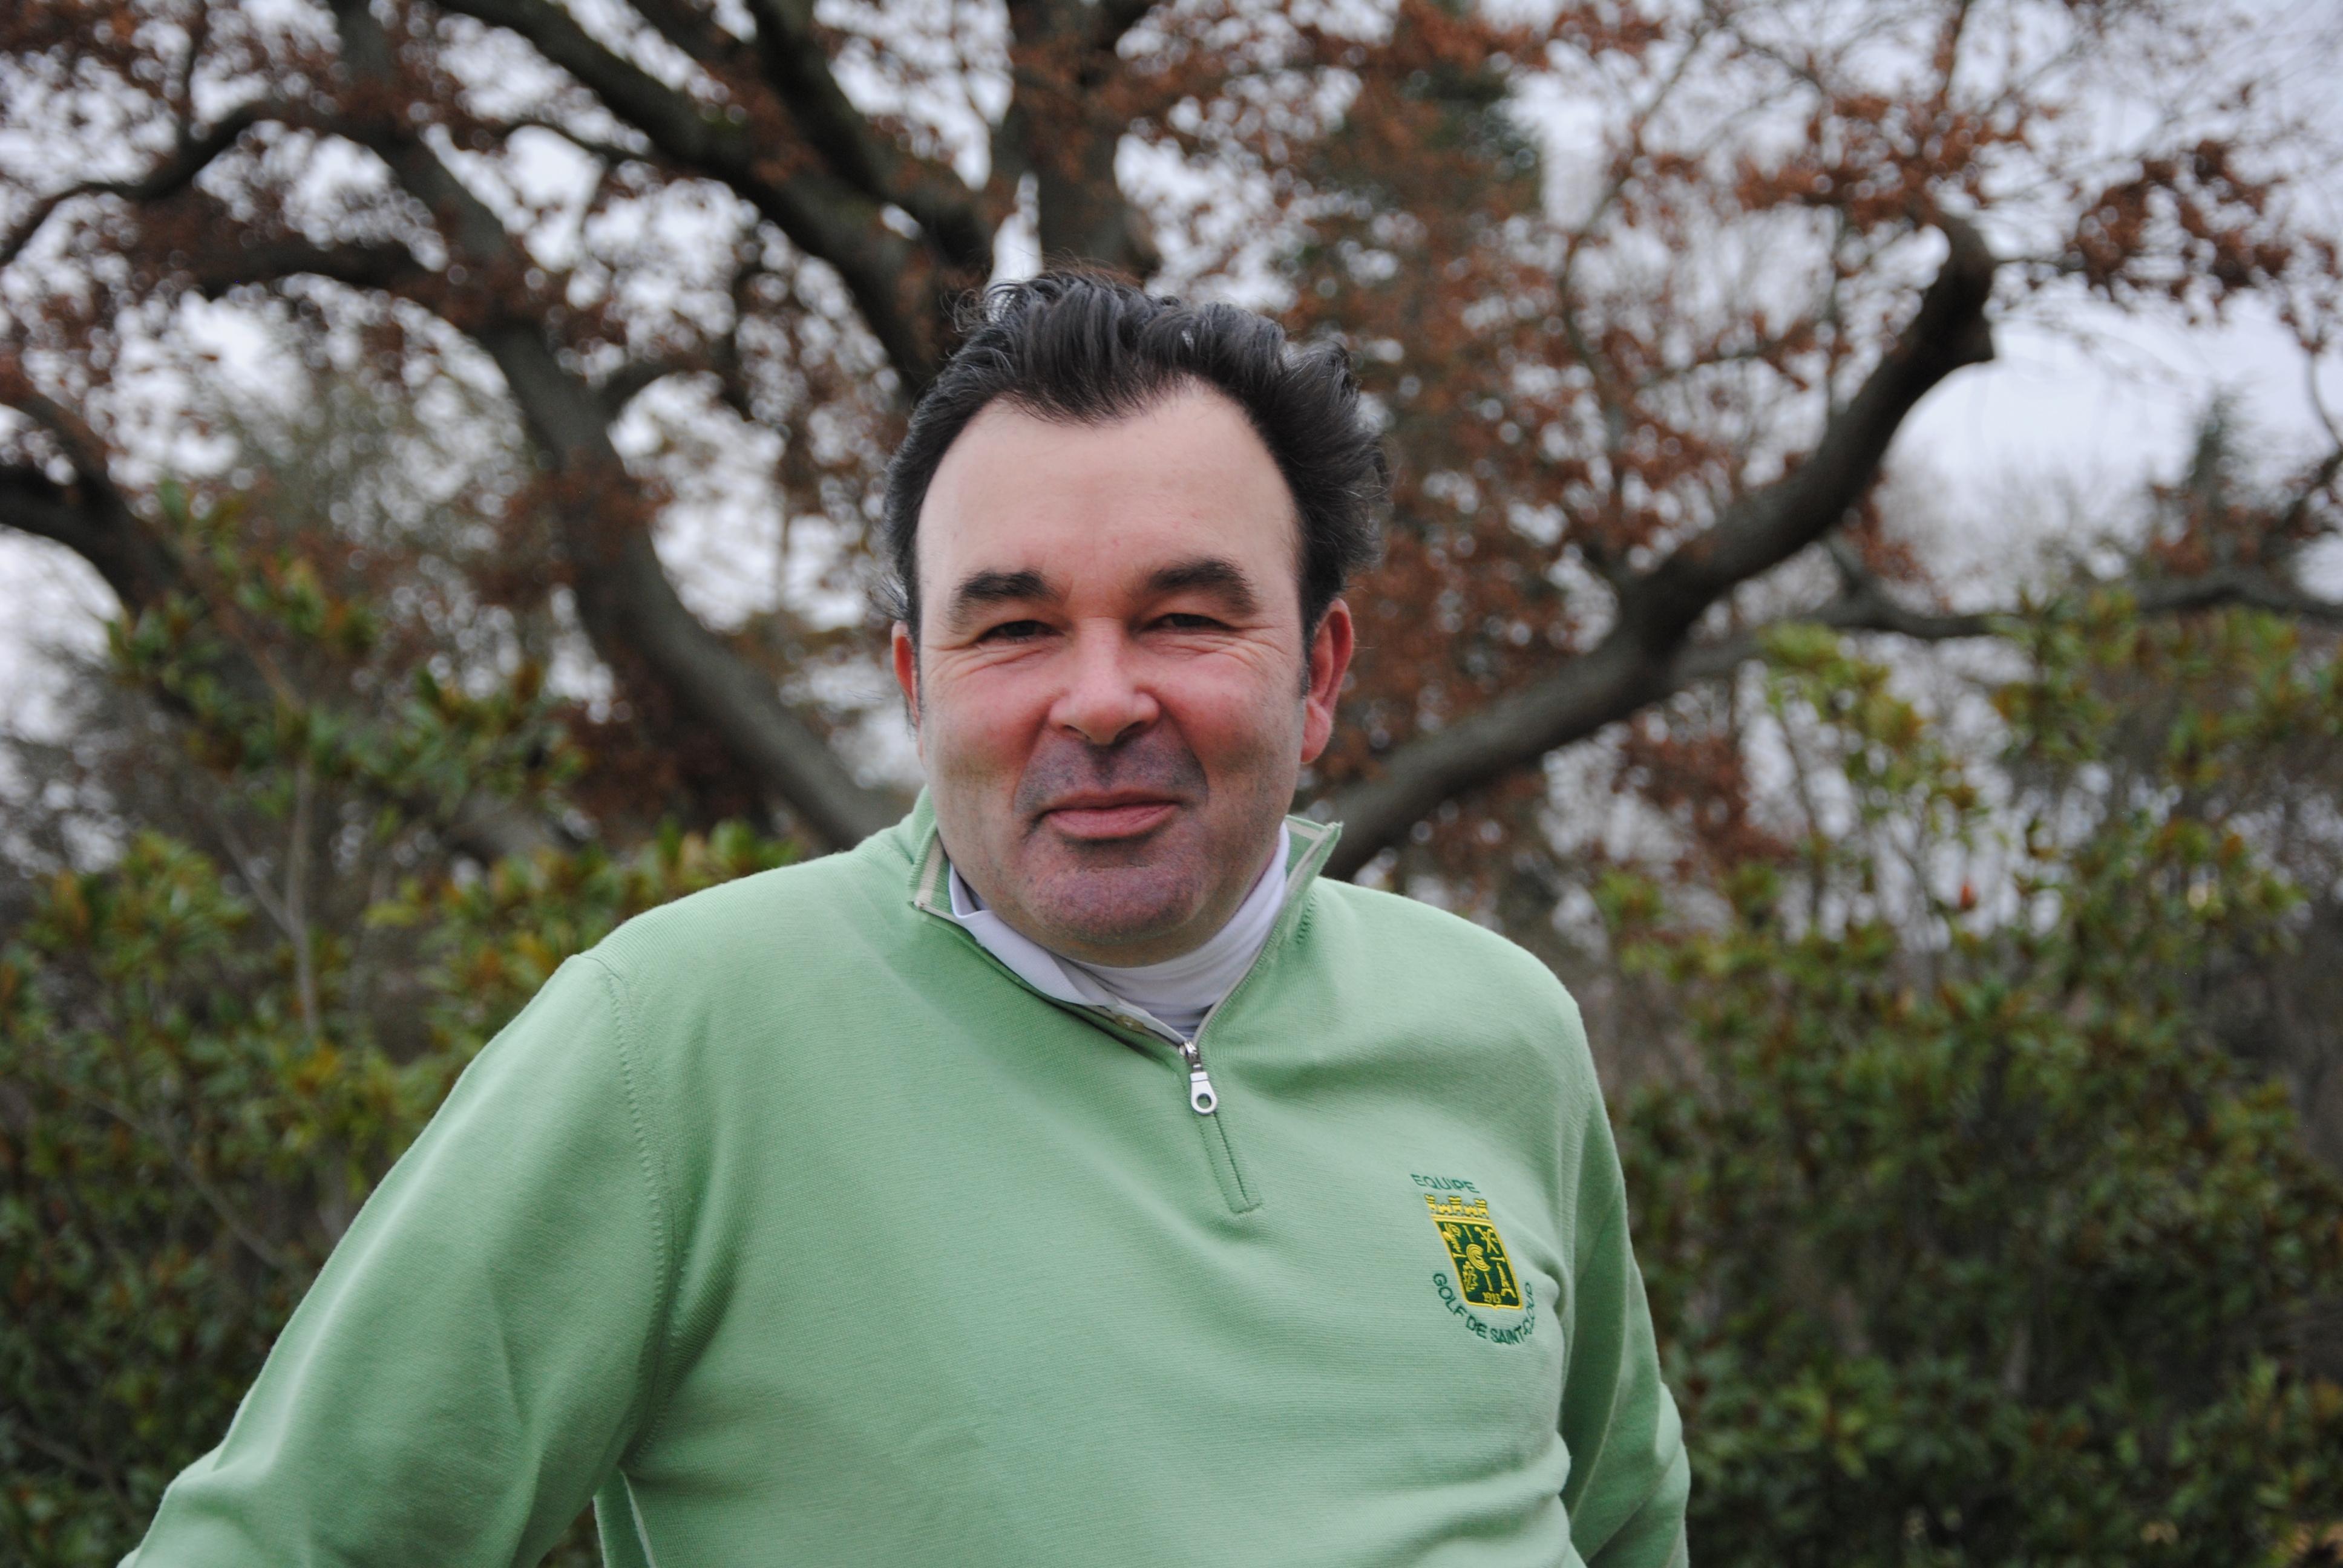 Paul Galitzine